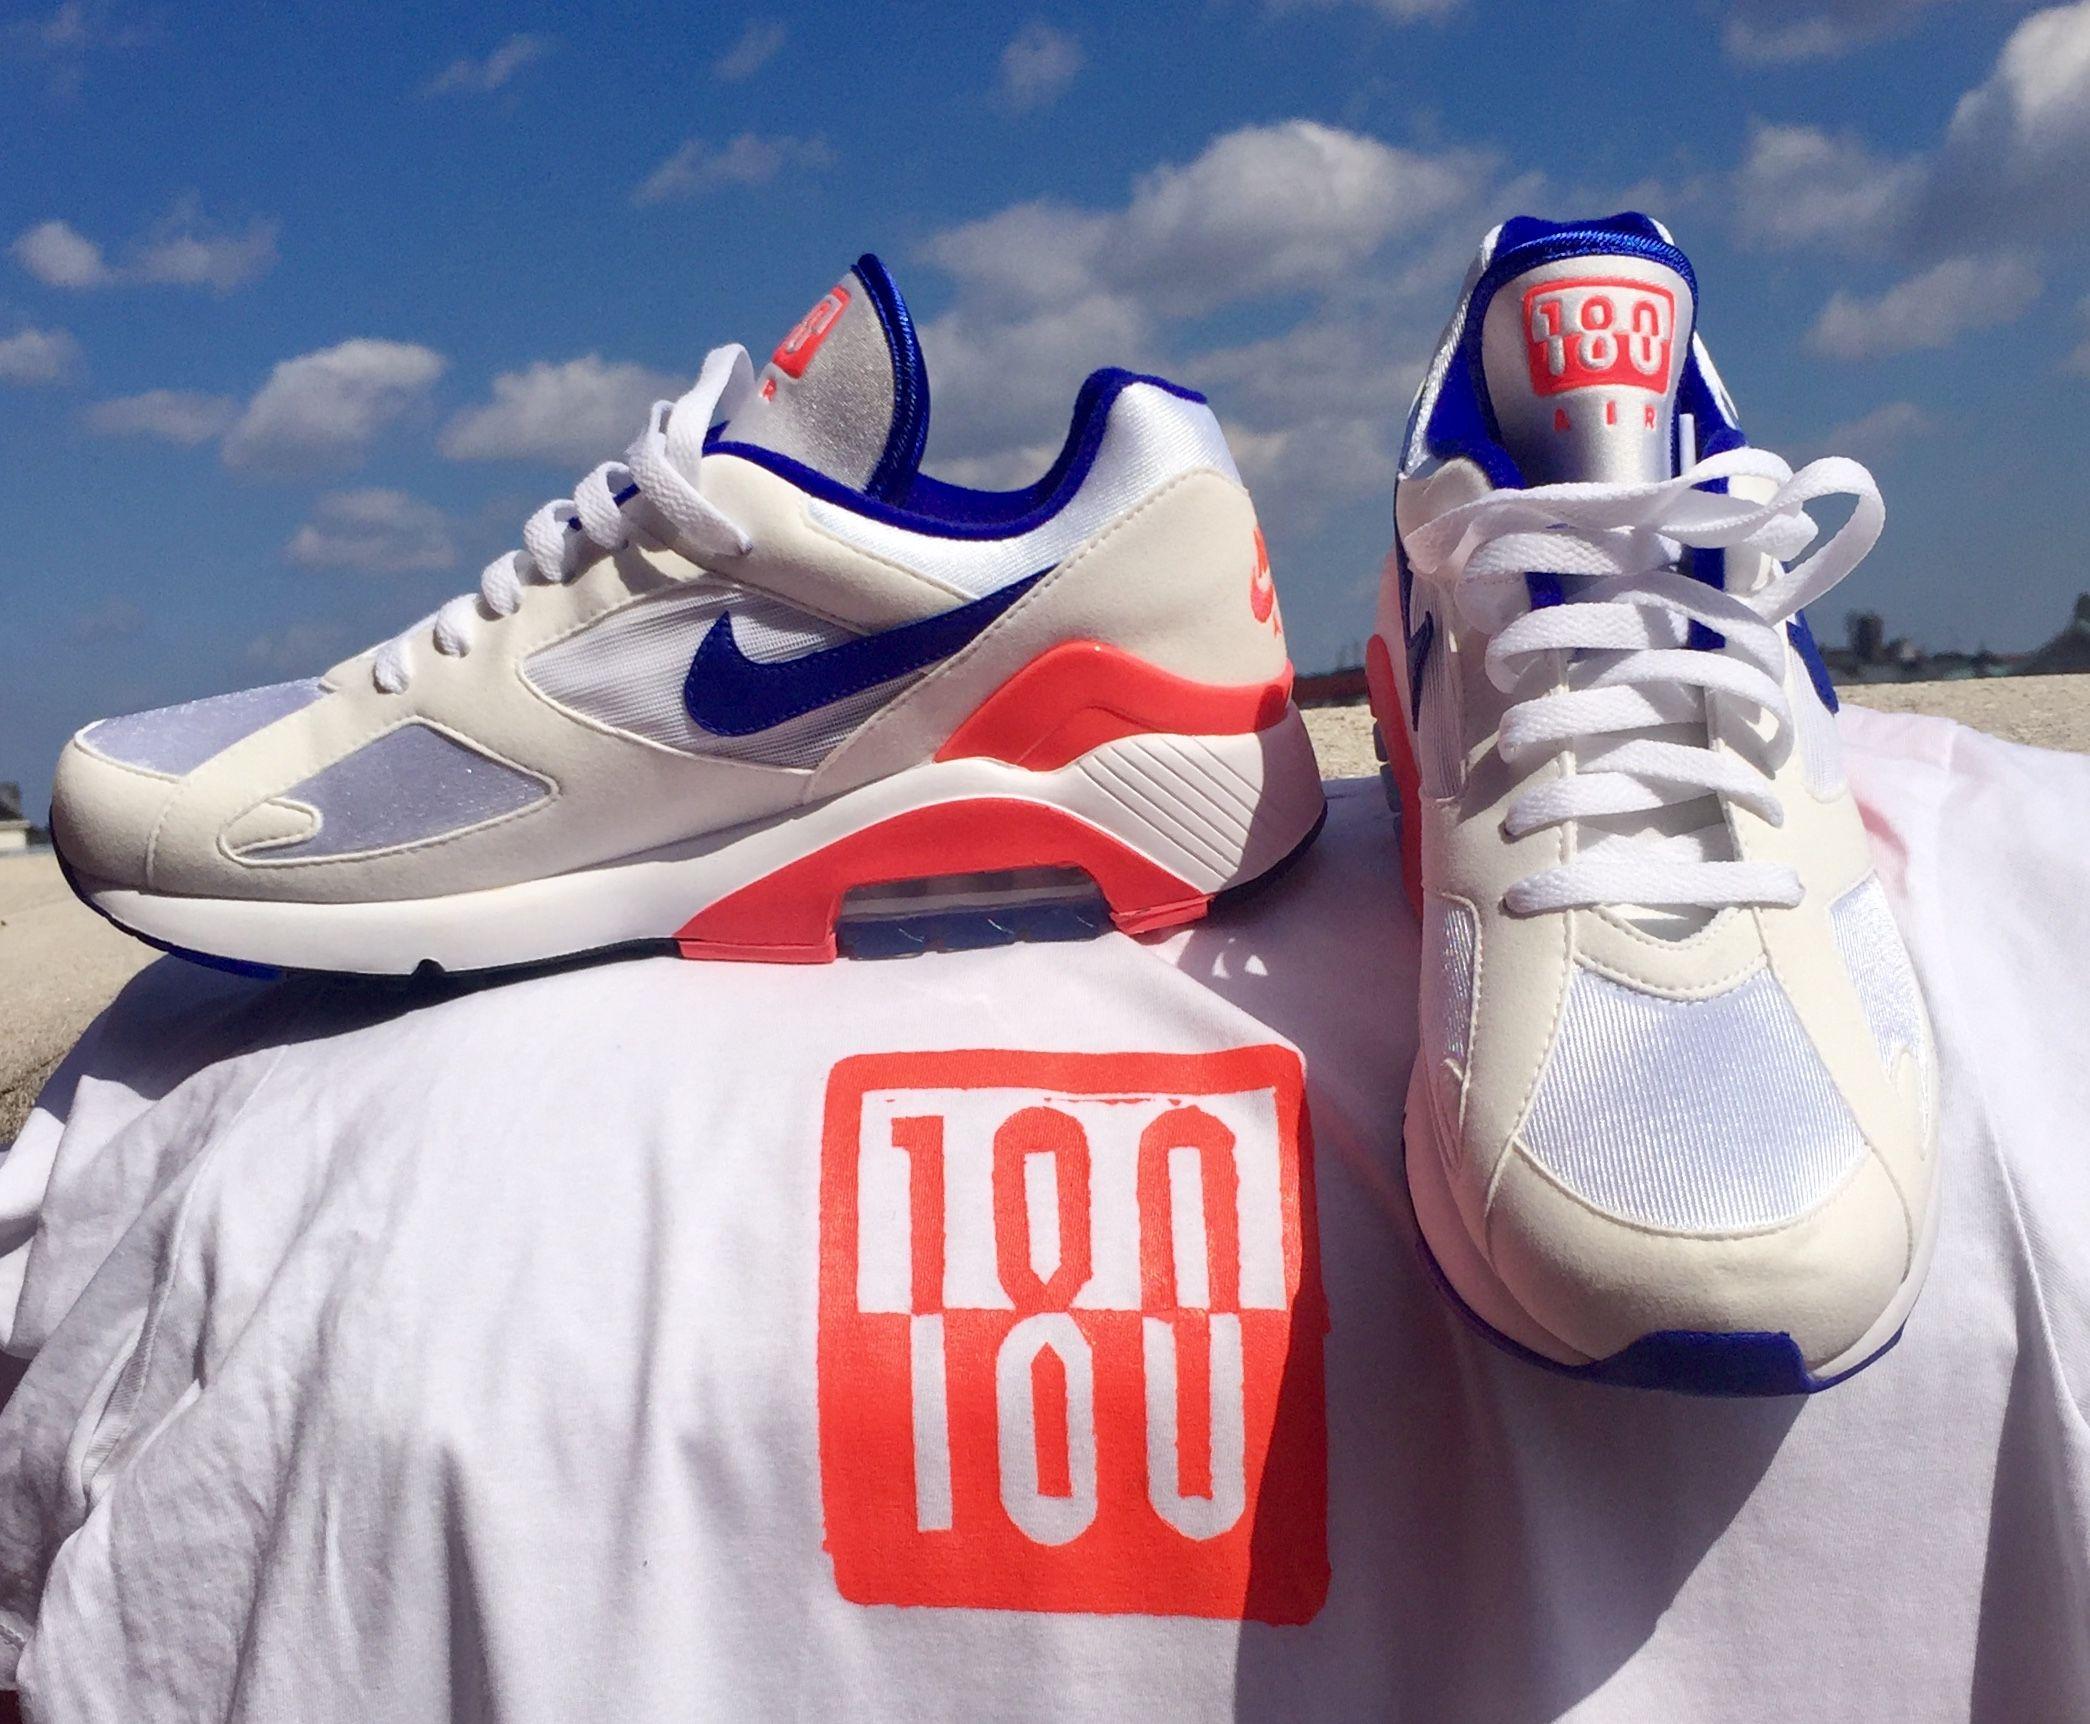 Pin szerzője: Zedraw Customize, közzétéve itt: Nike Air Max